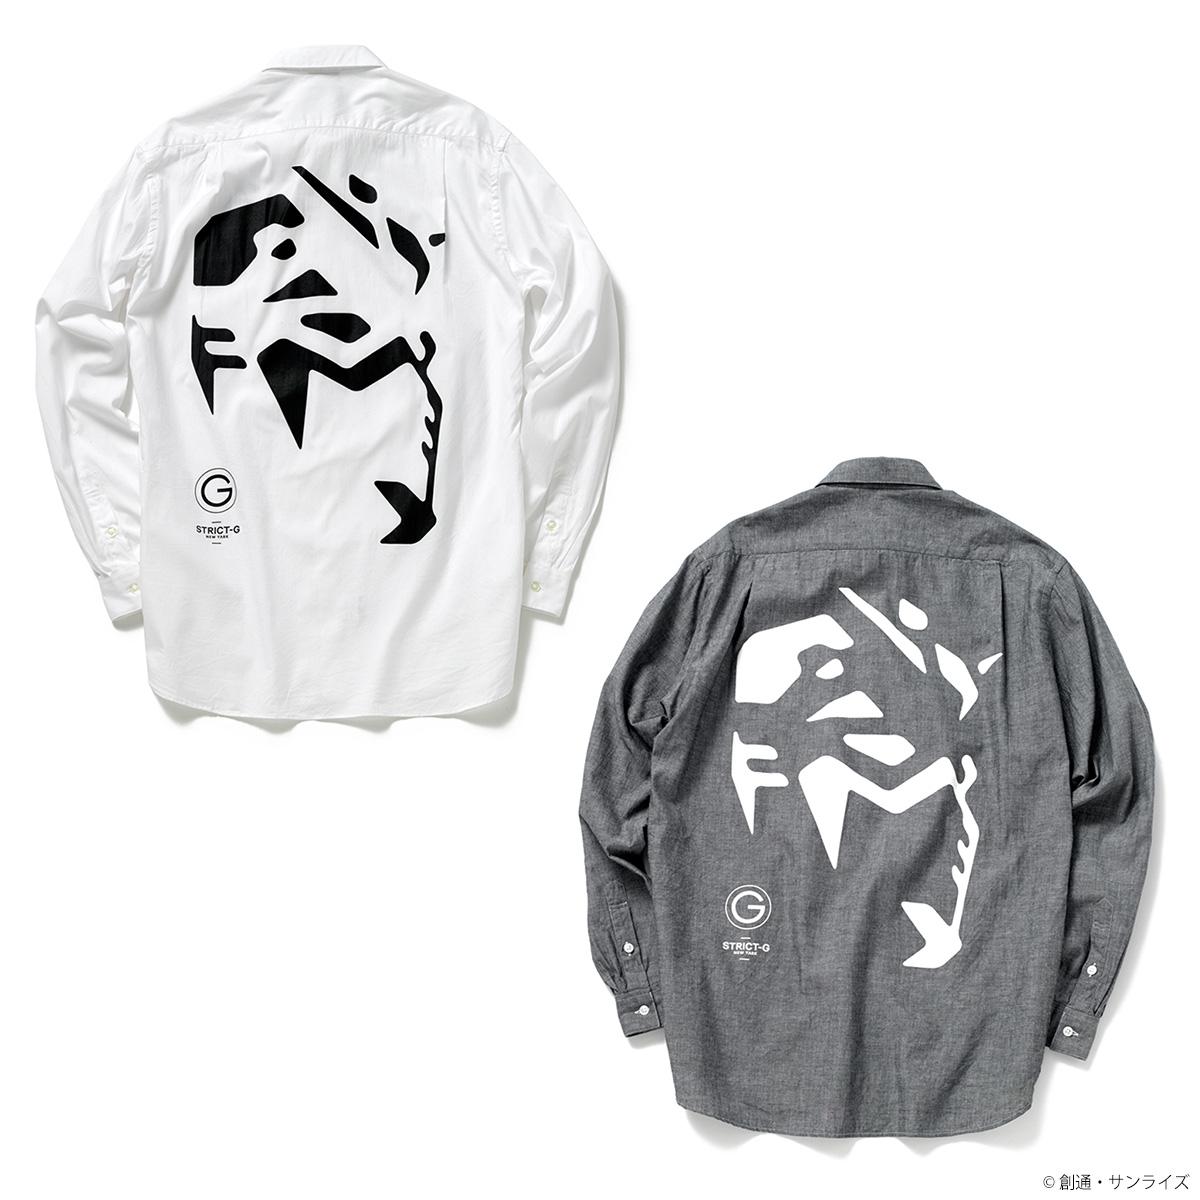 STRICT-G NEW YARK レギュラーシャツ ガンダムフェイス柄